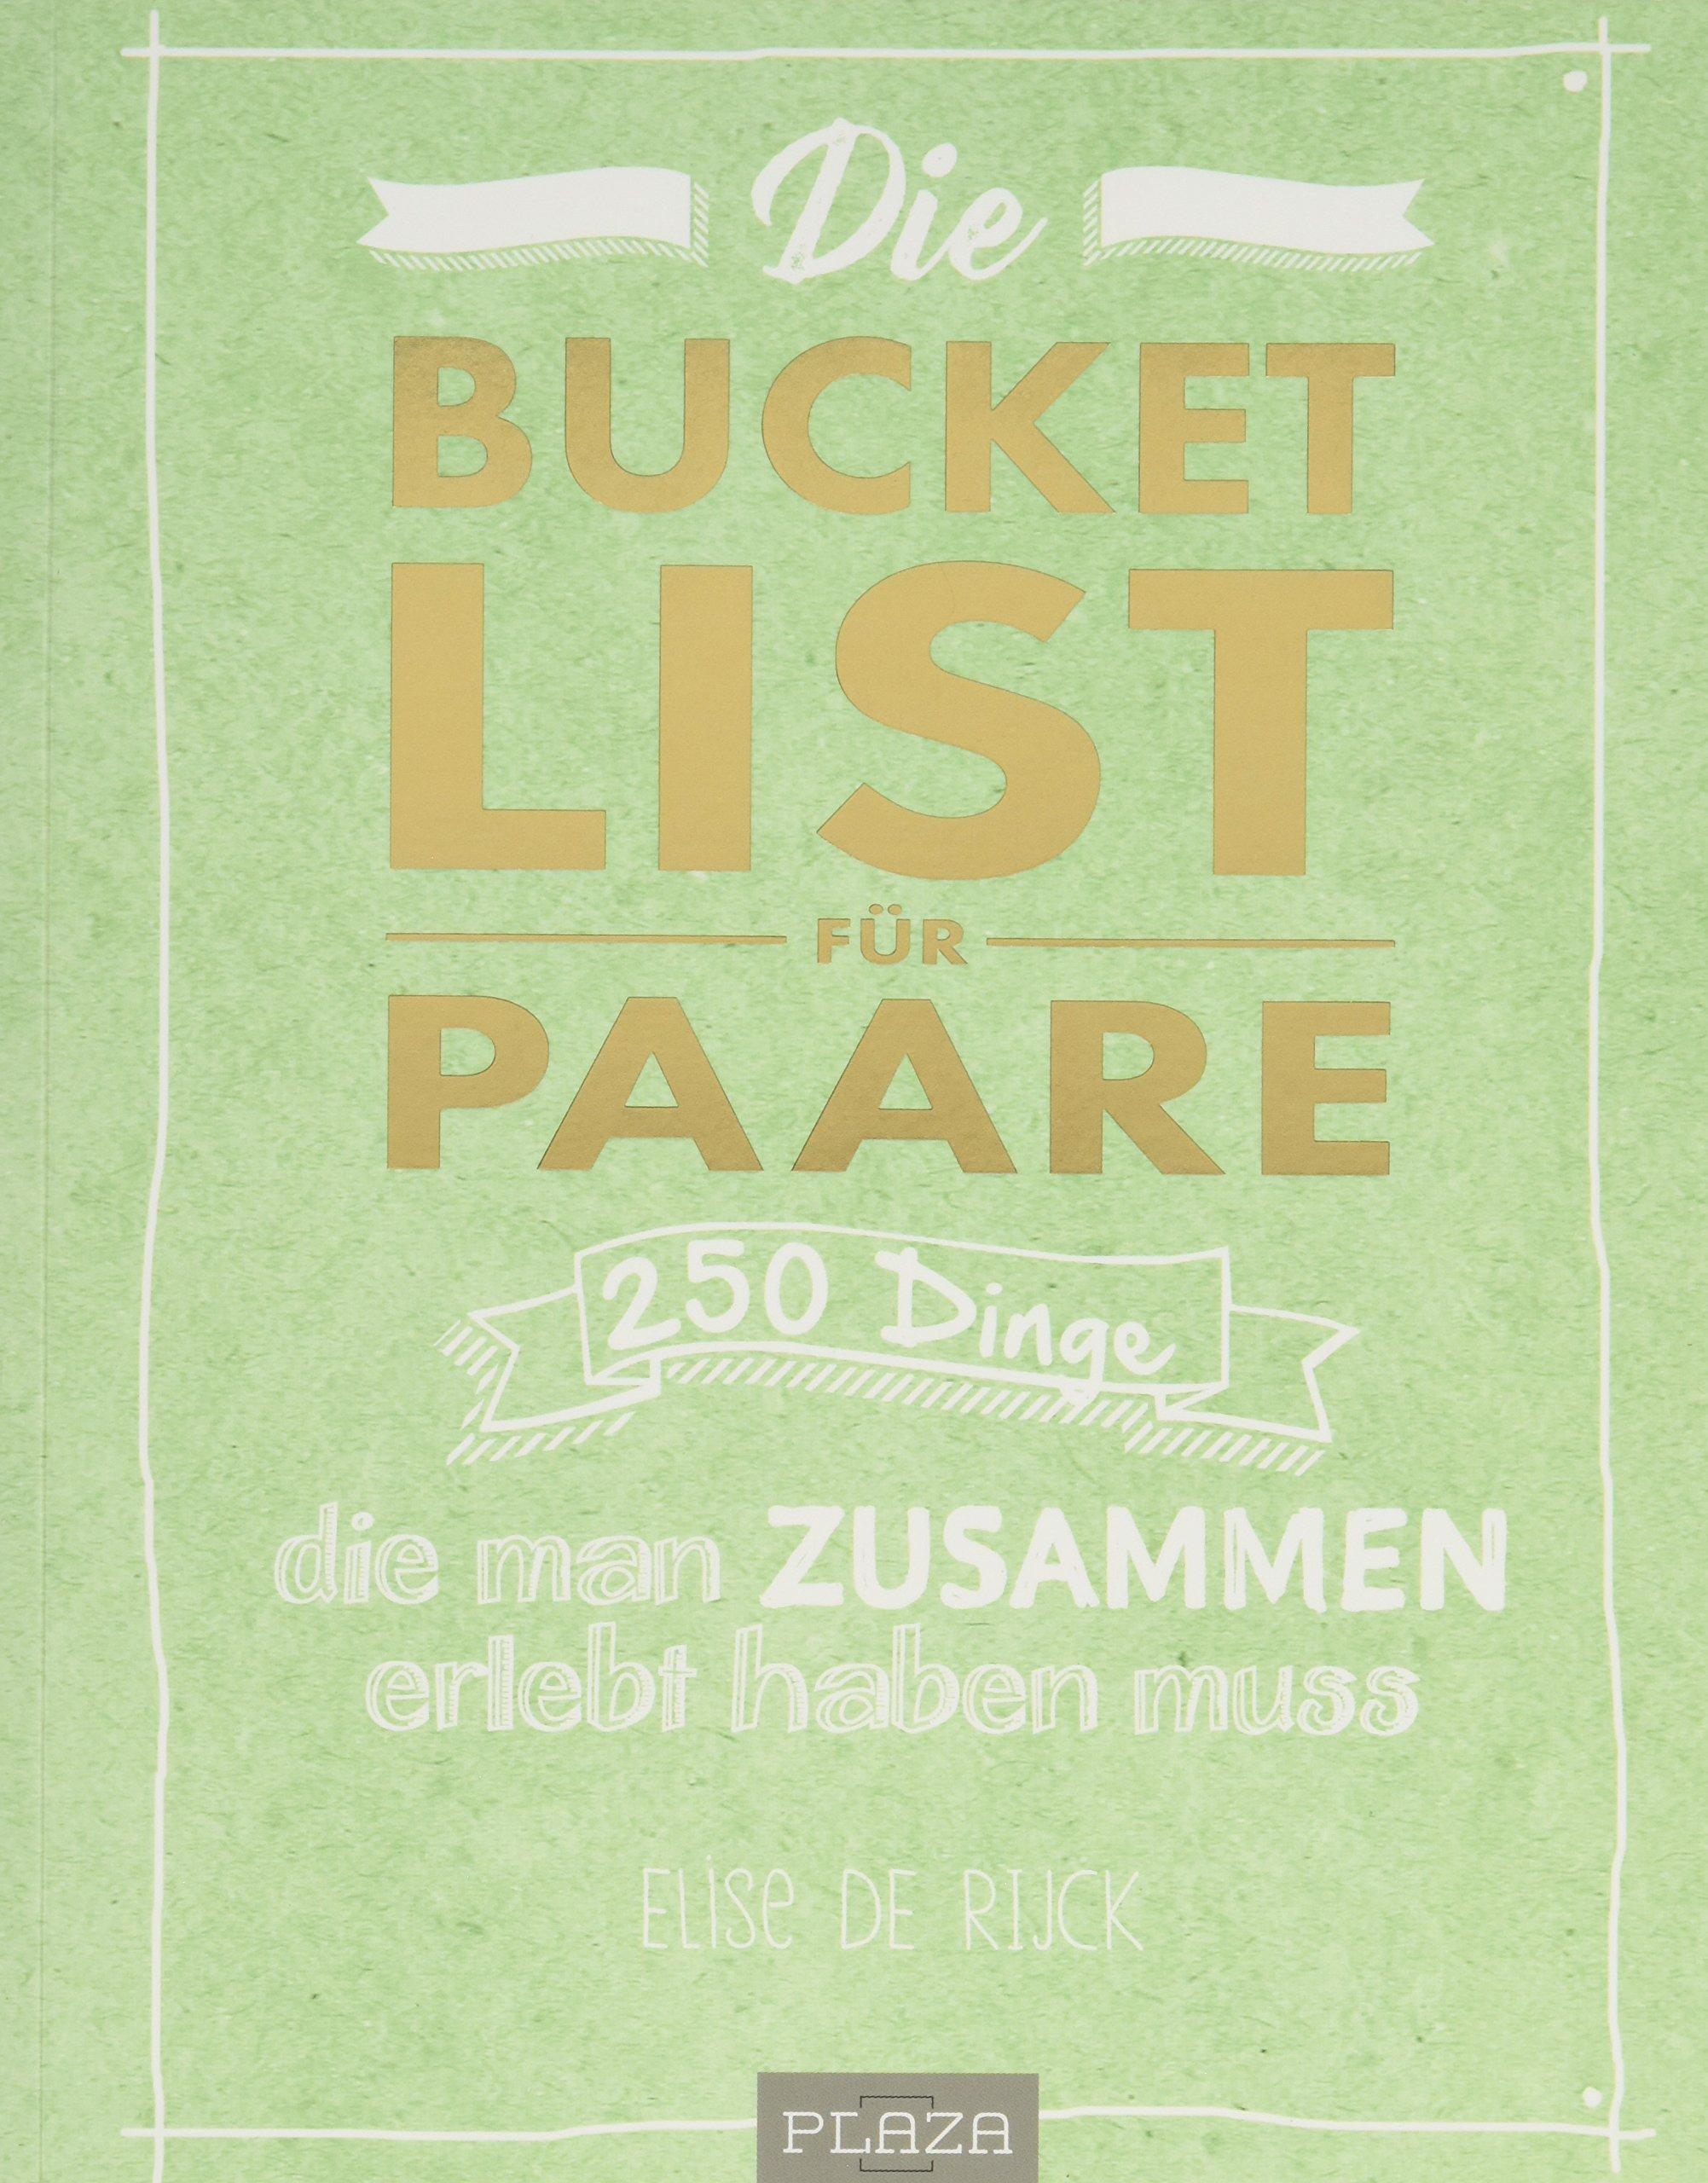 Die Bucket List Für Paare  250 Dinge Die Man Zusammen Erlebt Haben Muss